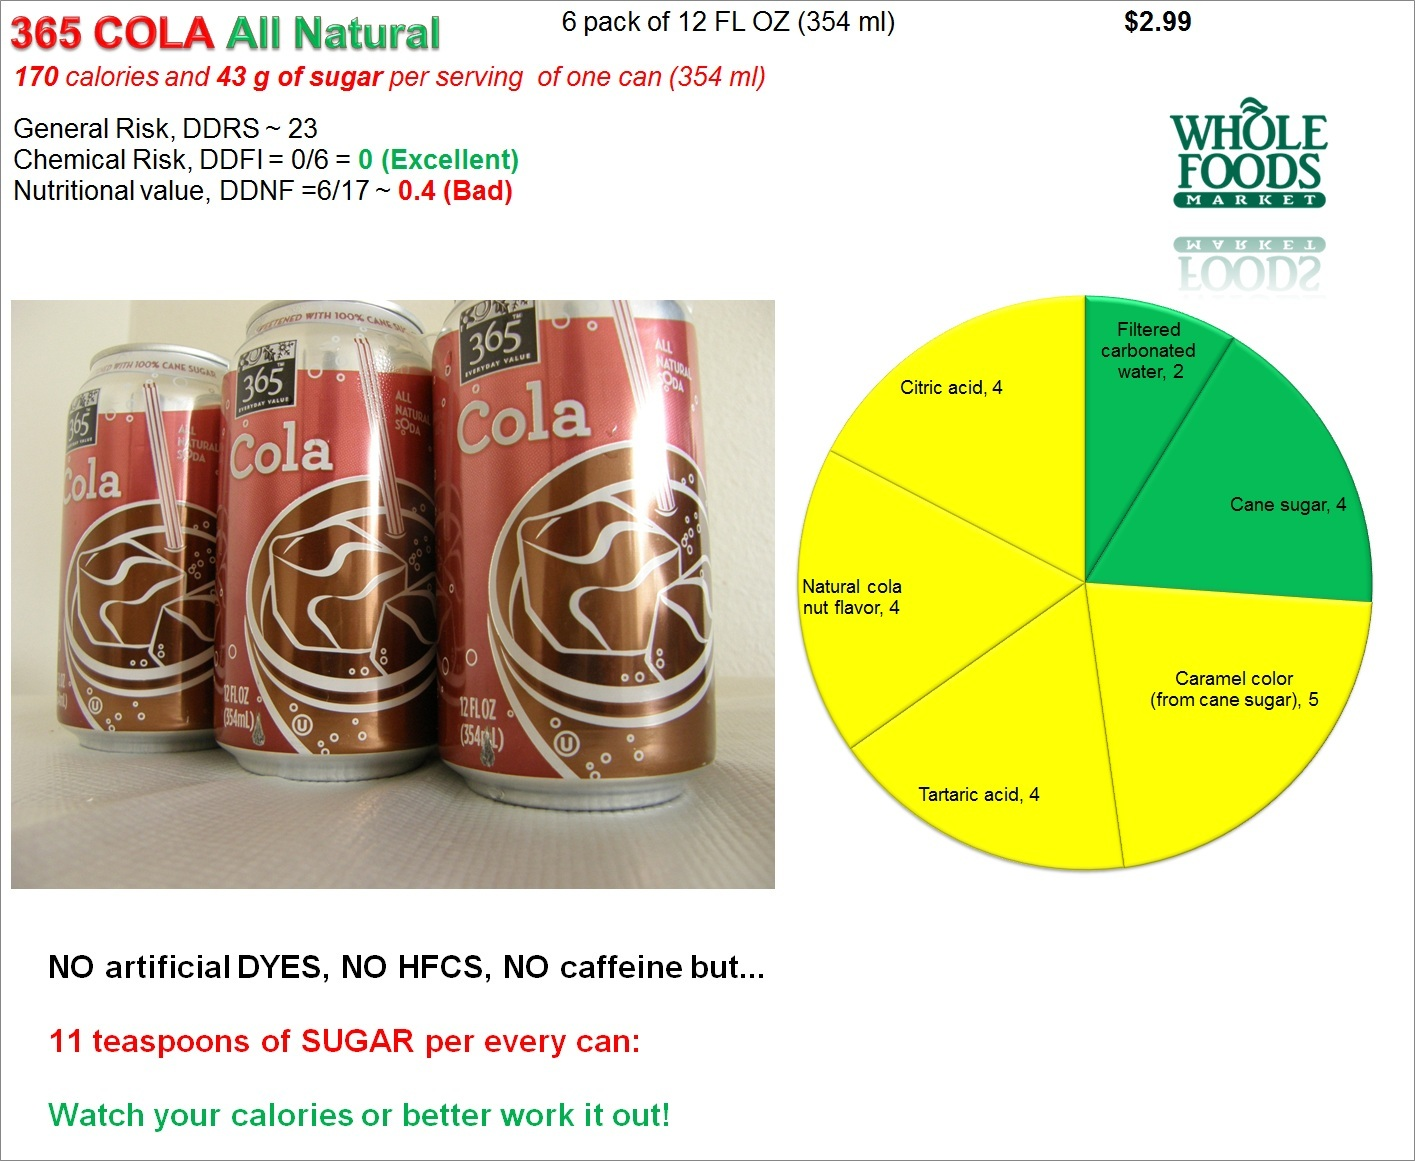 whole foods diet cola ingredienta